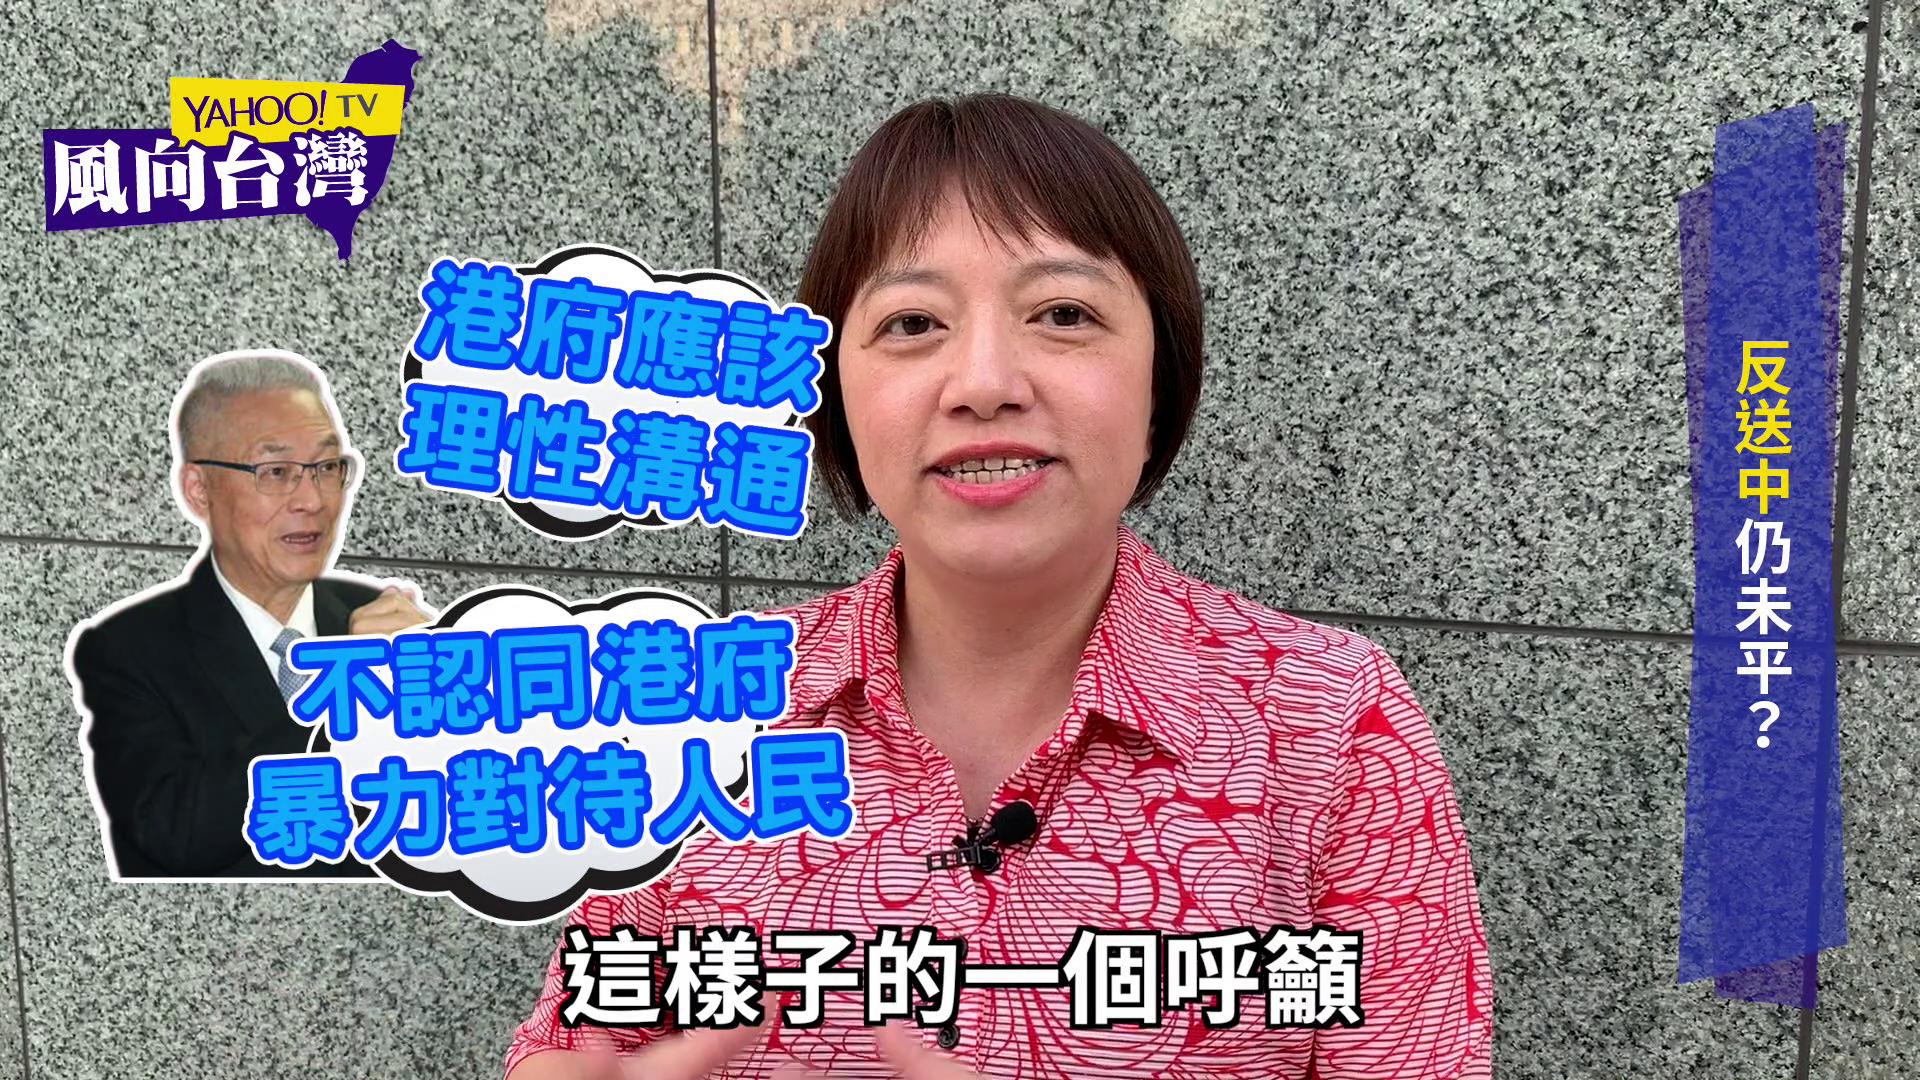 風向變了?她說香港出現「暴民」聲浪了...